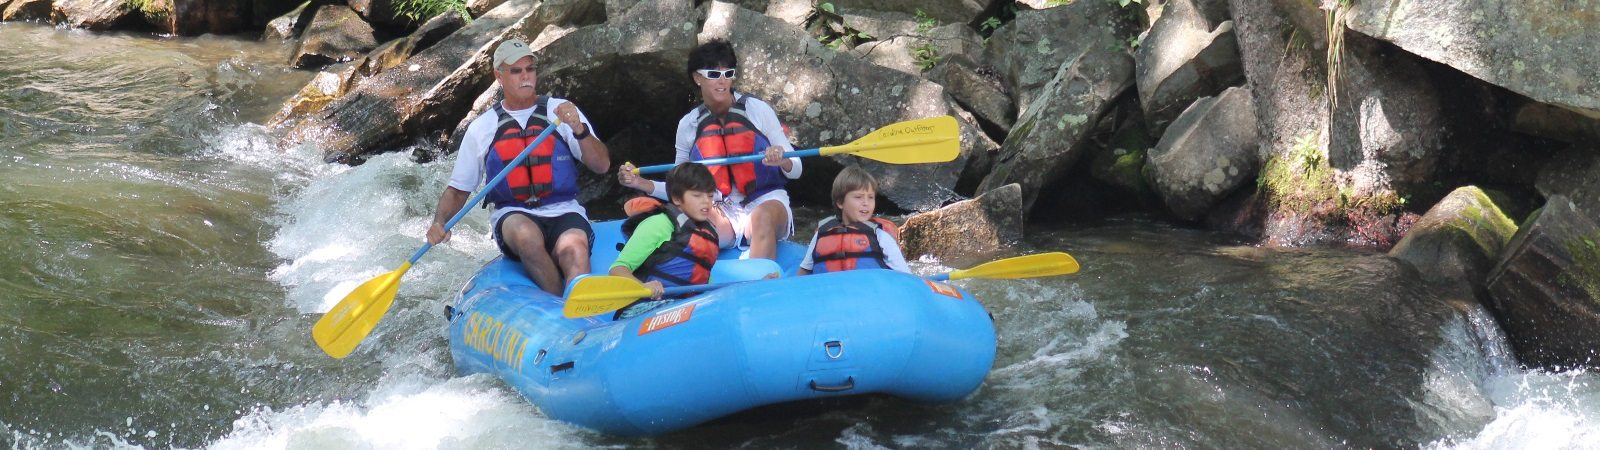 non guided nantahala whitewater rafting